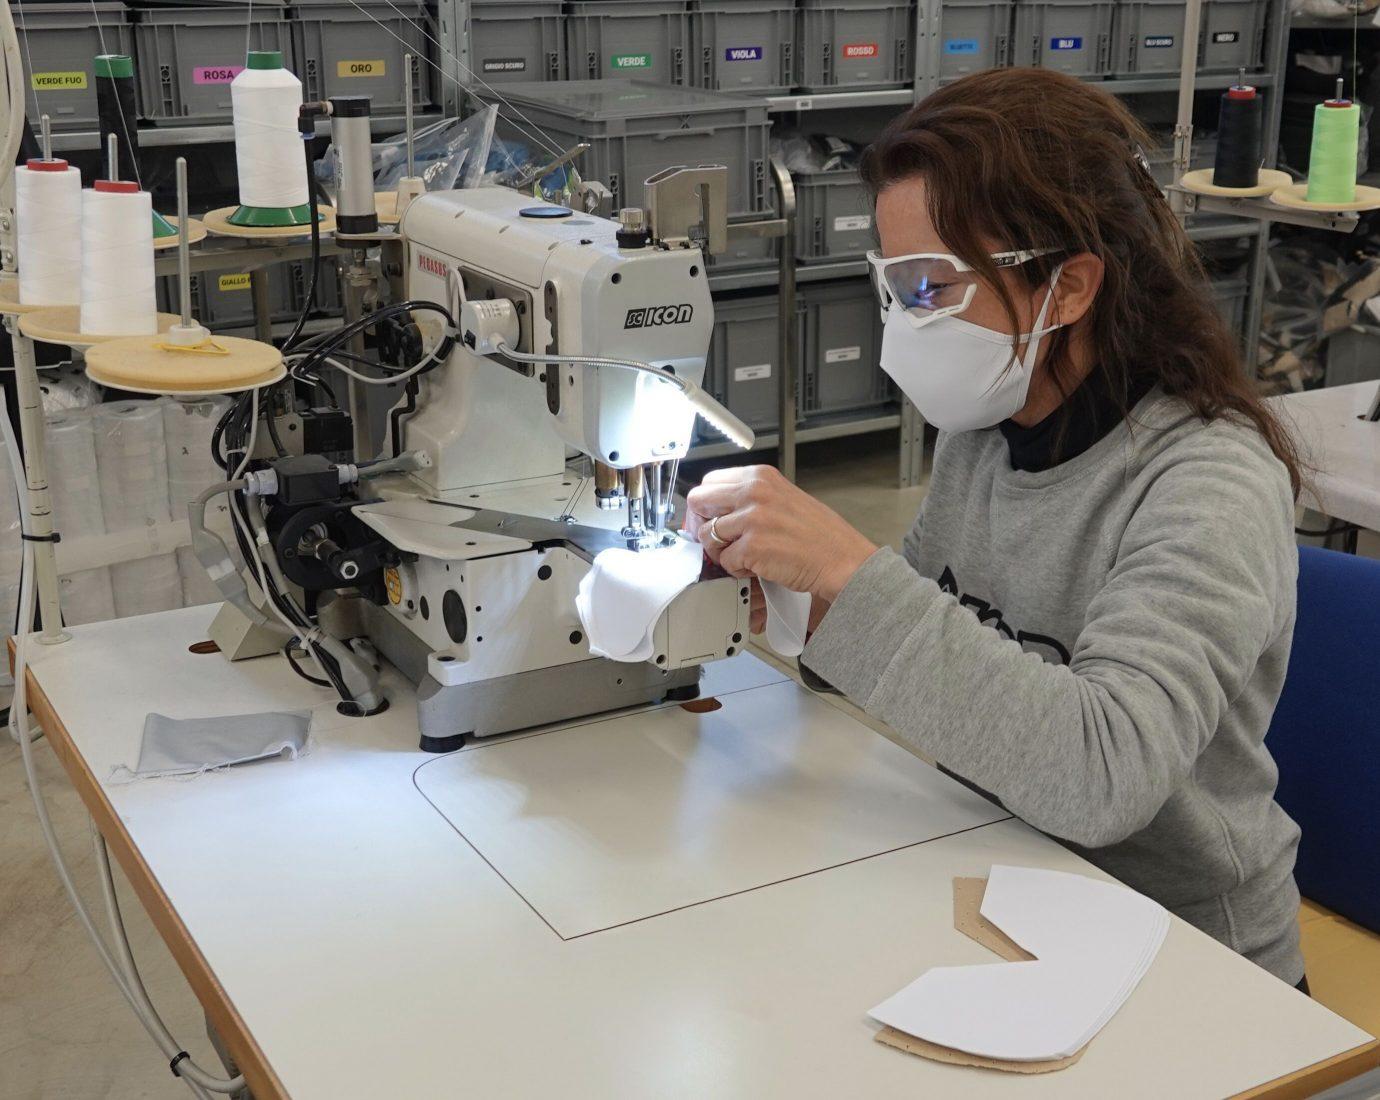 SCICON converte la produzione per aiutare contro la pandemia